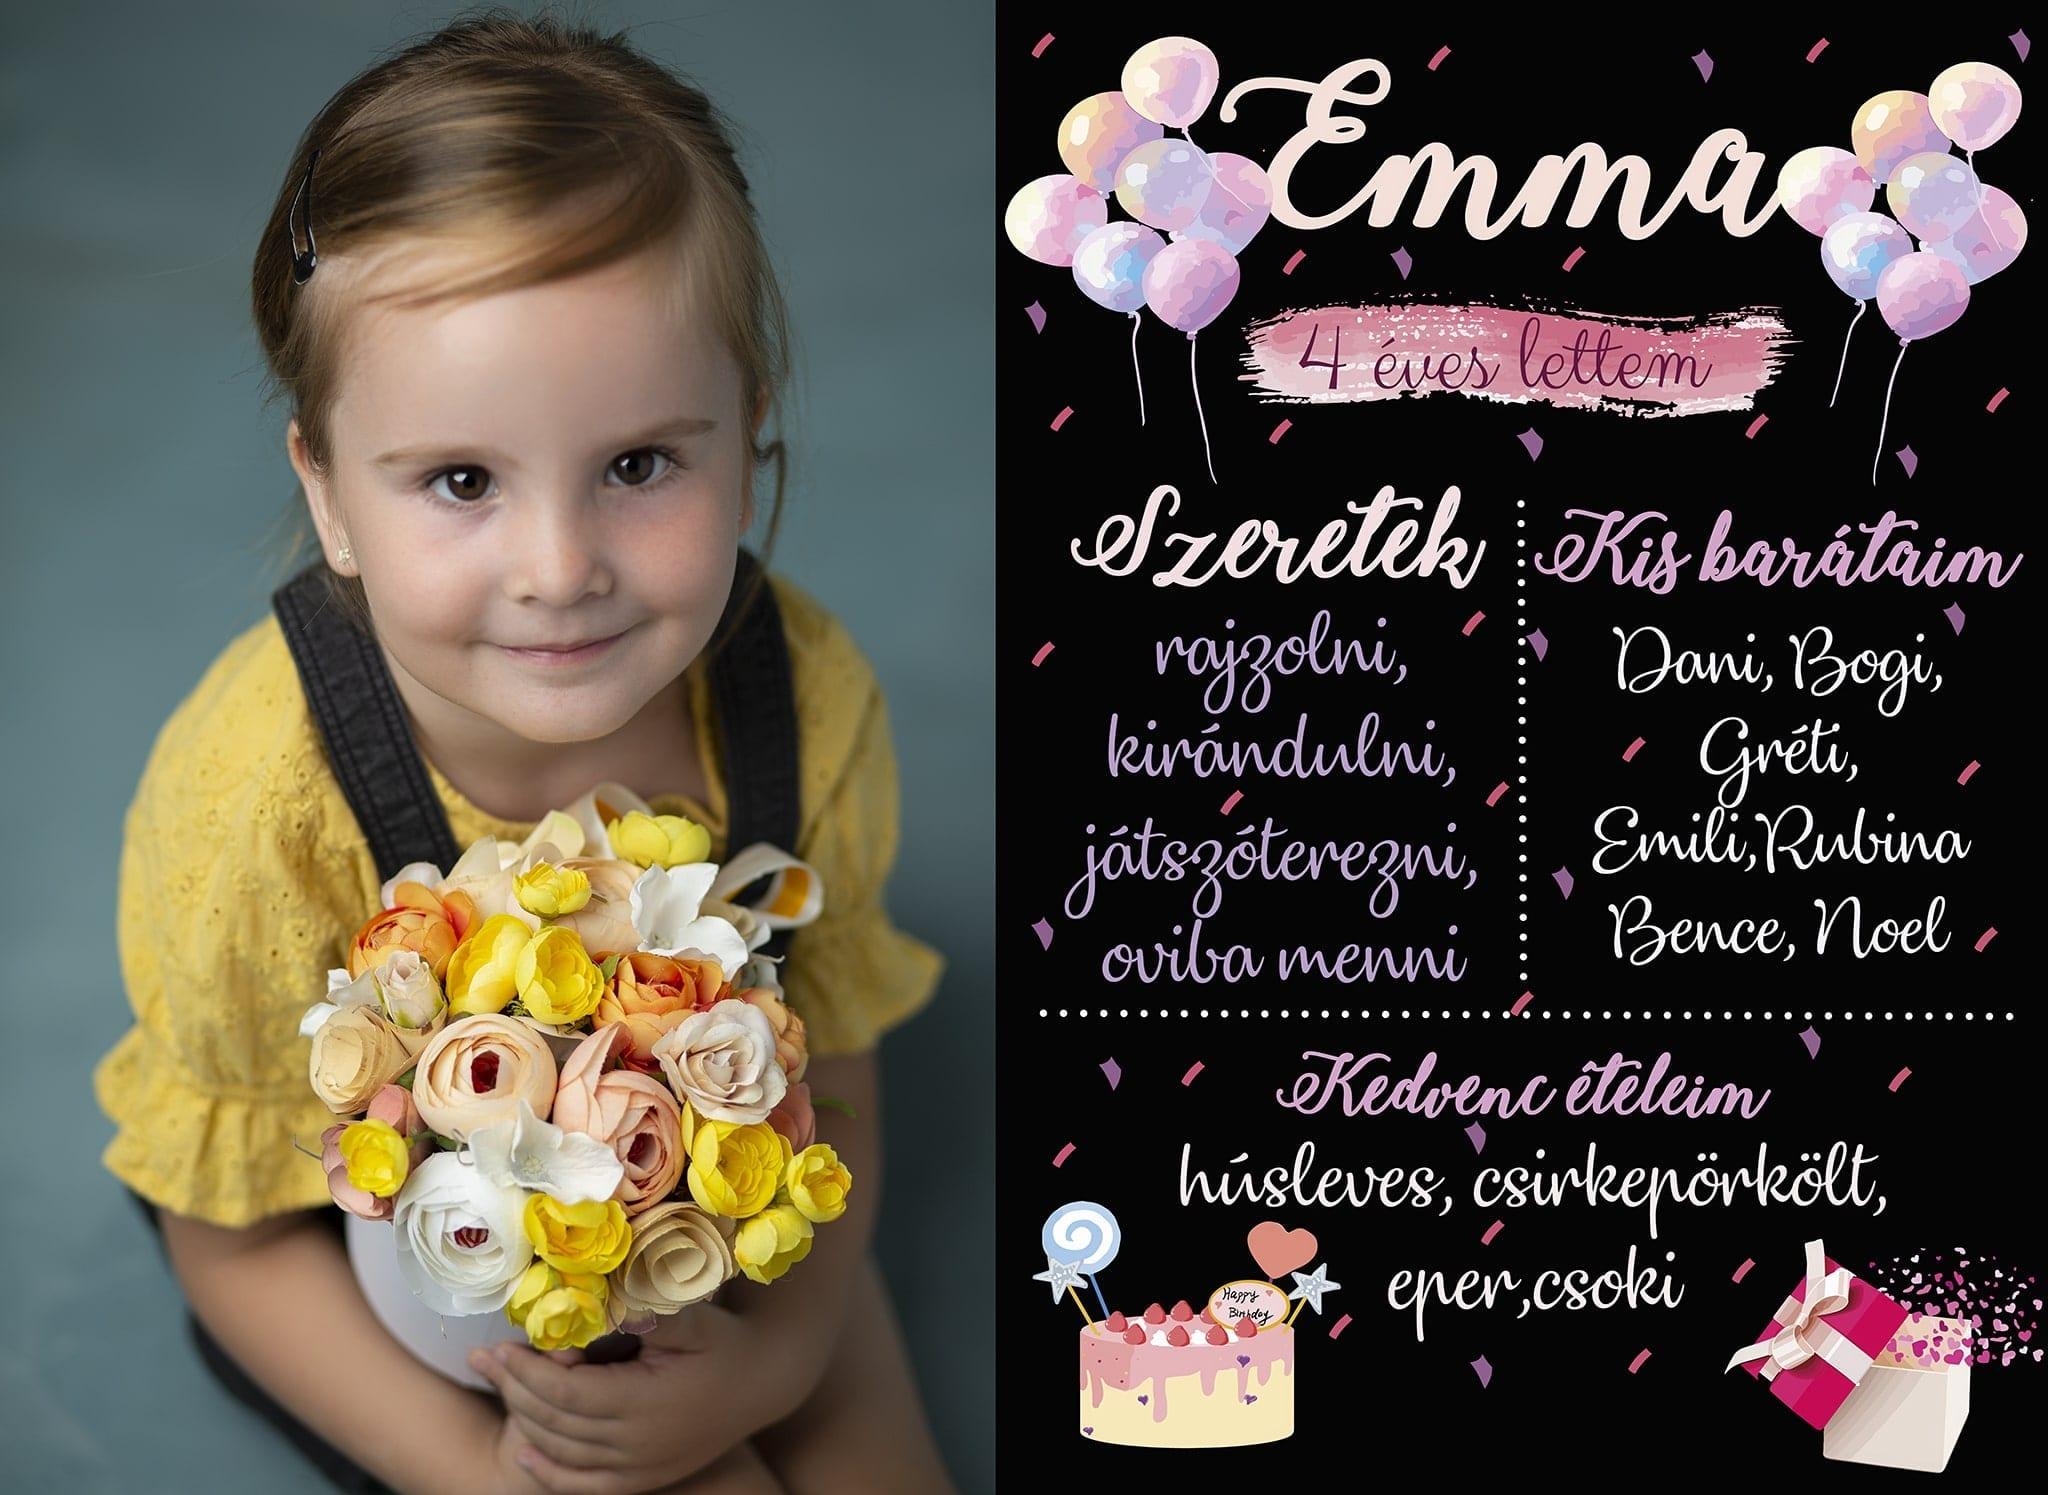 4 éves születésnapi fotózás Emmával